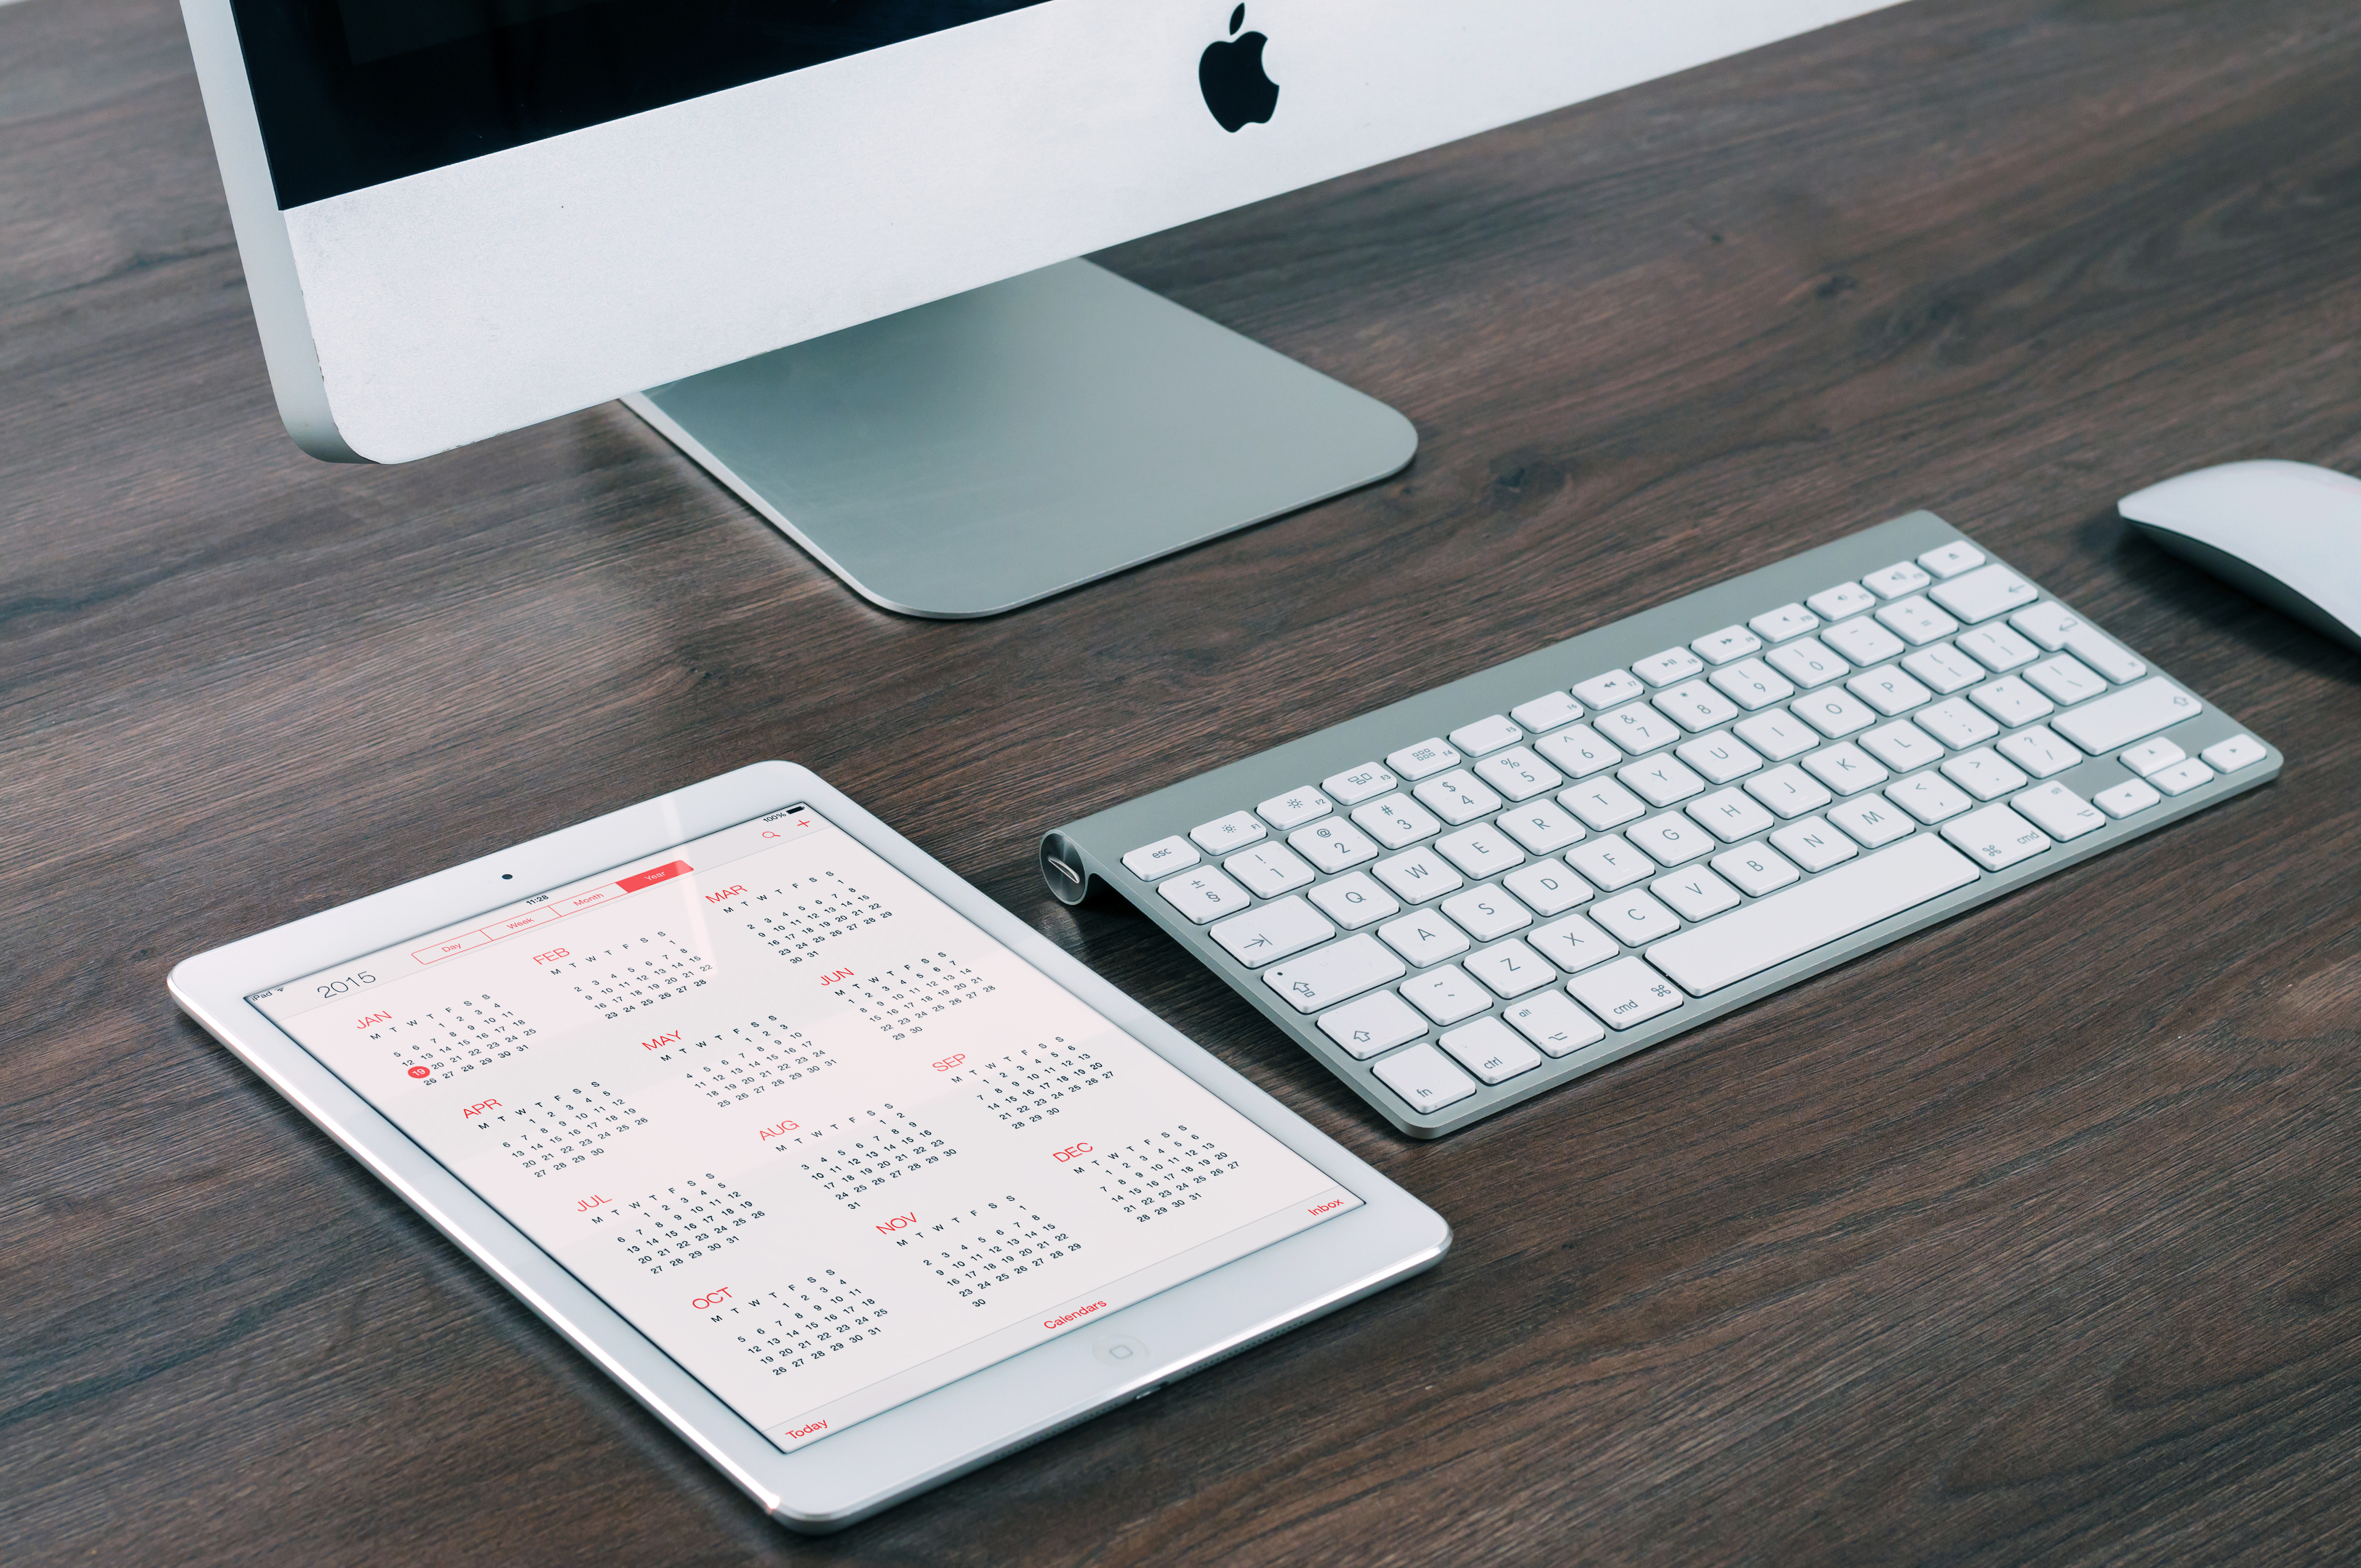 conseil pour améliorer visibilité site web SiM 5 ipad mac tablette sim5